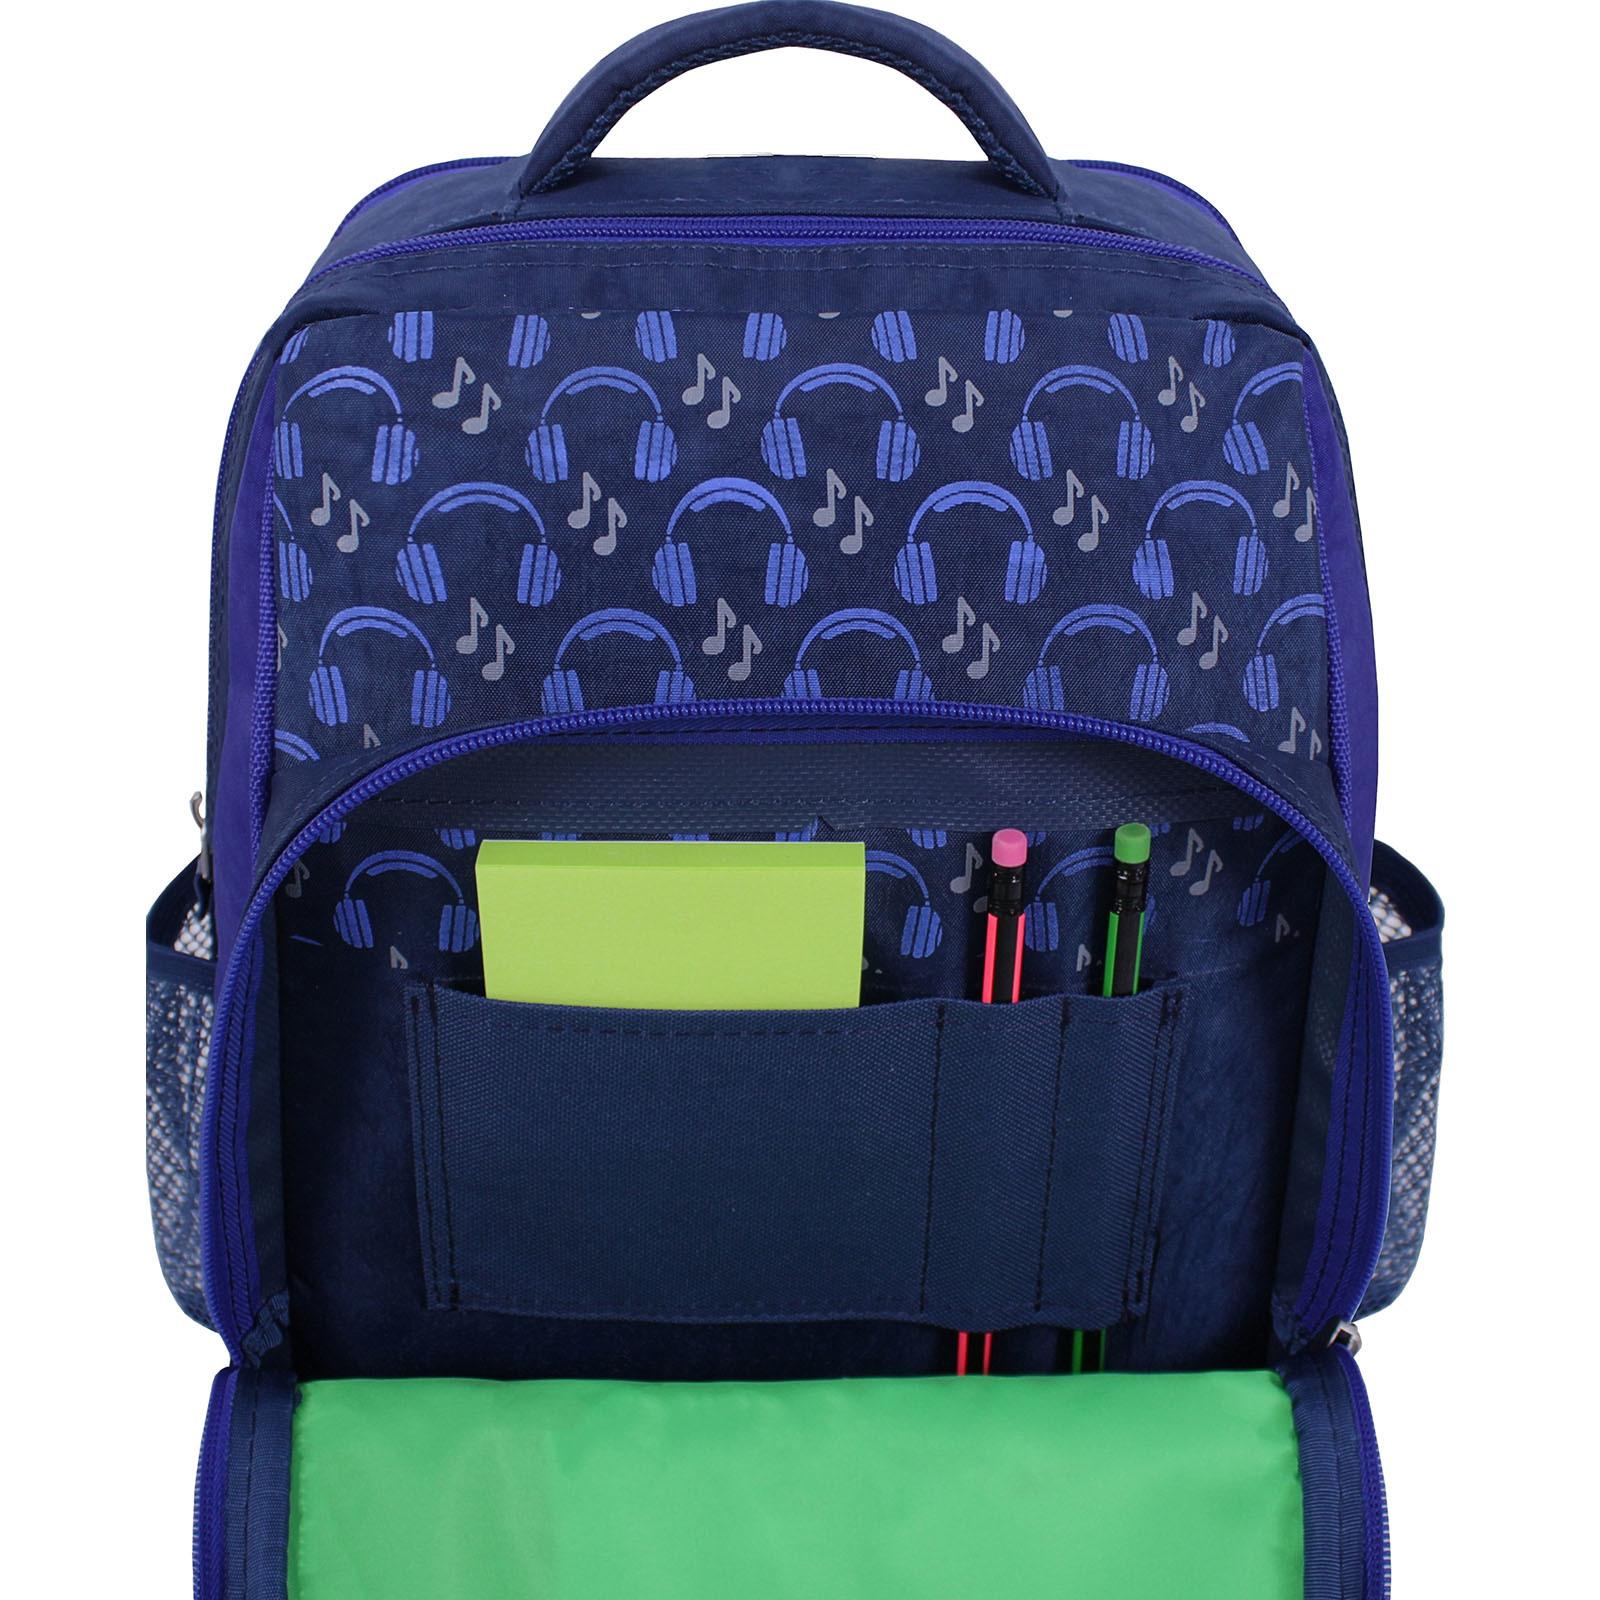 Рюкзак школьный Bagland Школьник 8 л. 225 синий 614 (00112702) фото 3